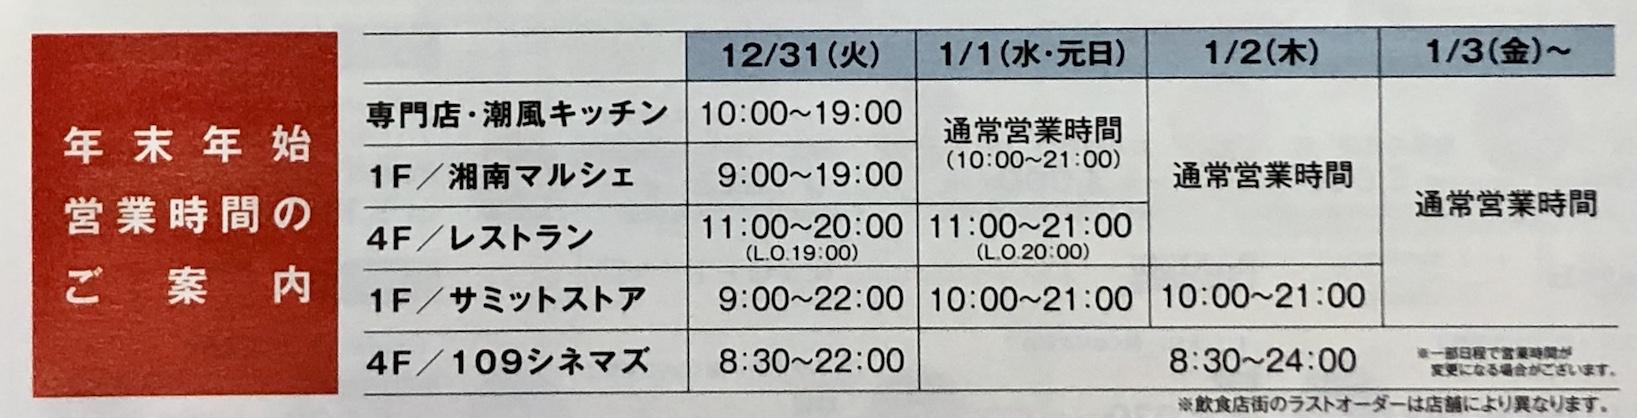 テラスモール湘南2020_年末年始の営業時間